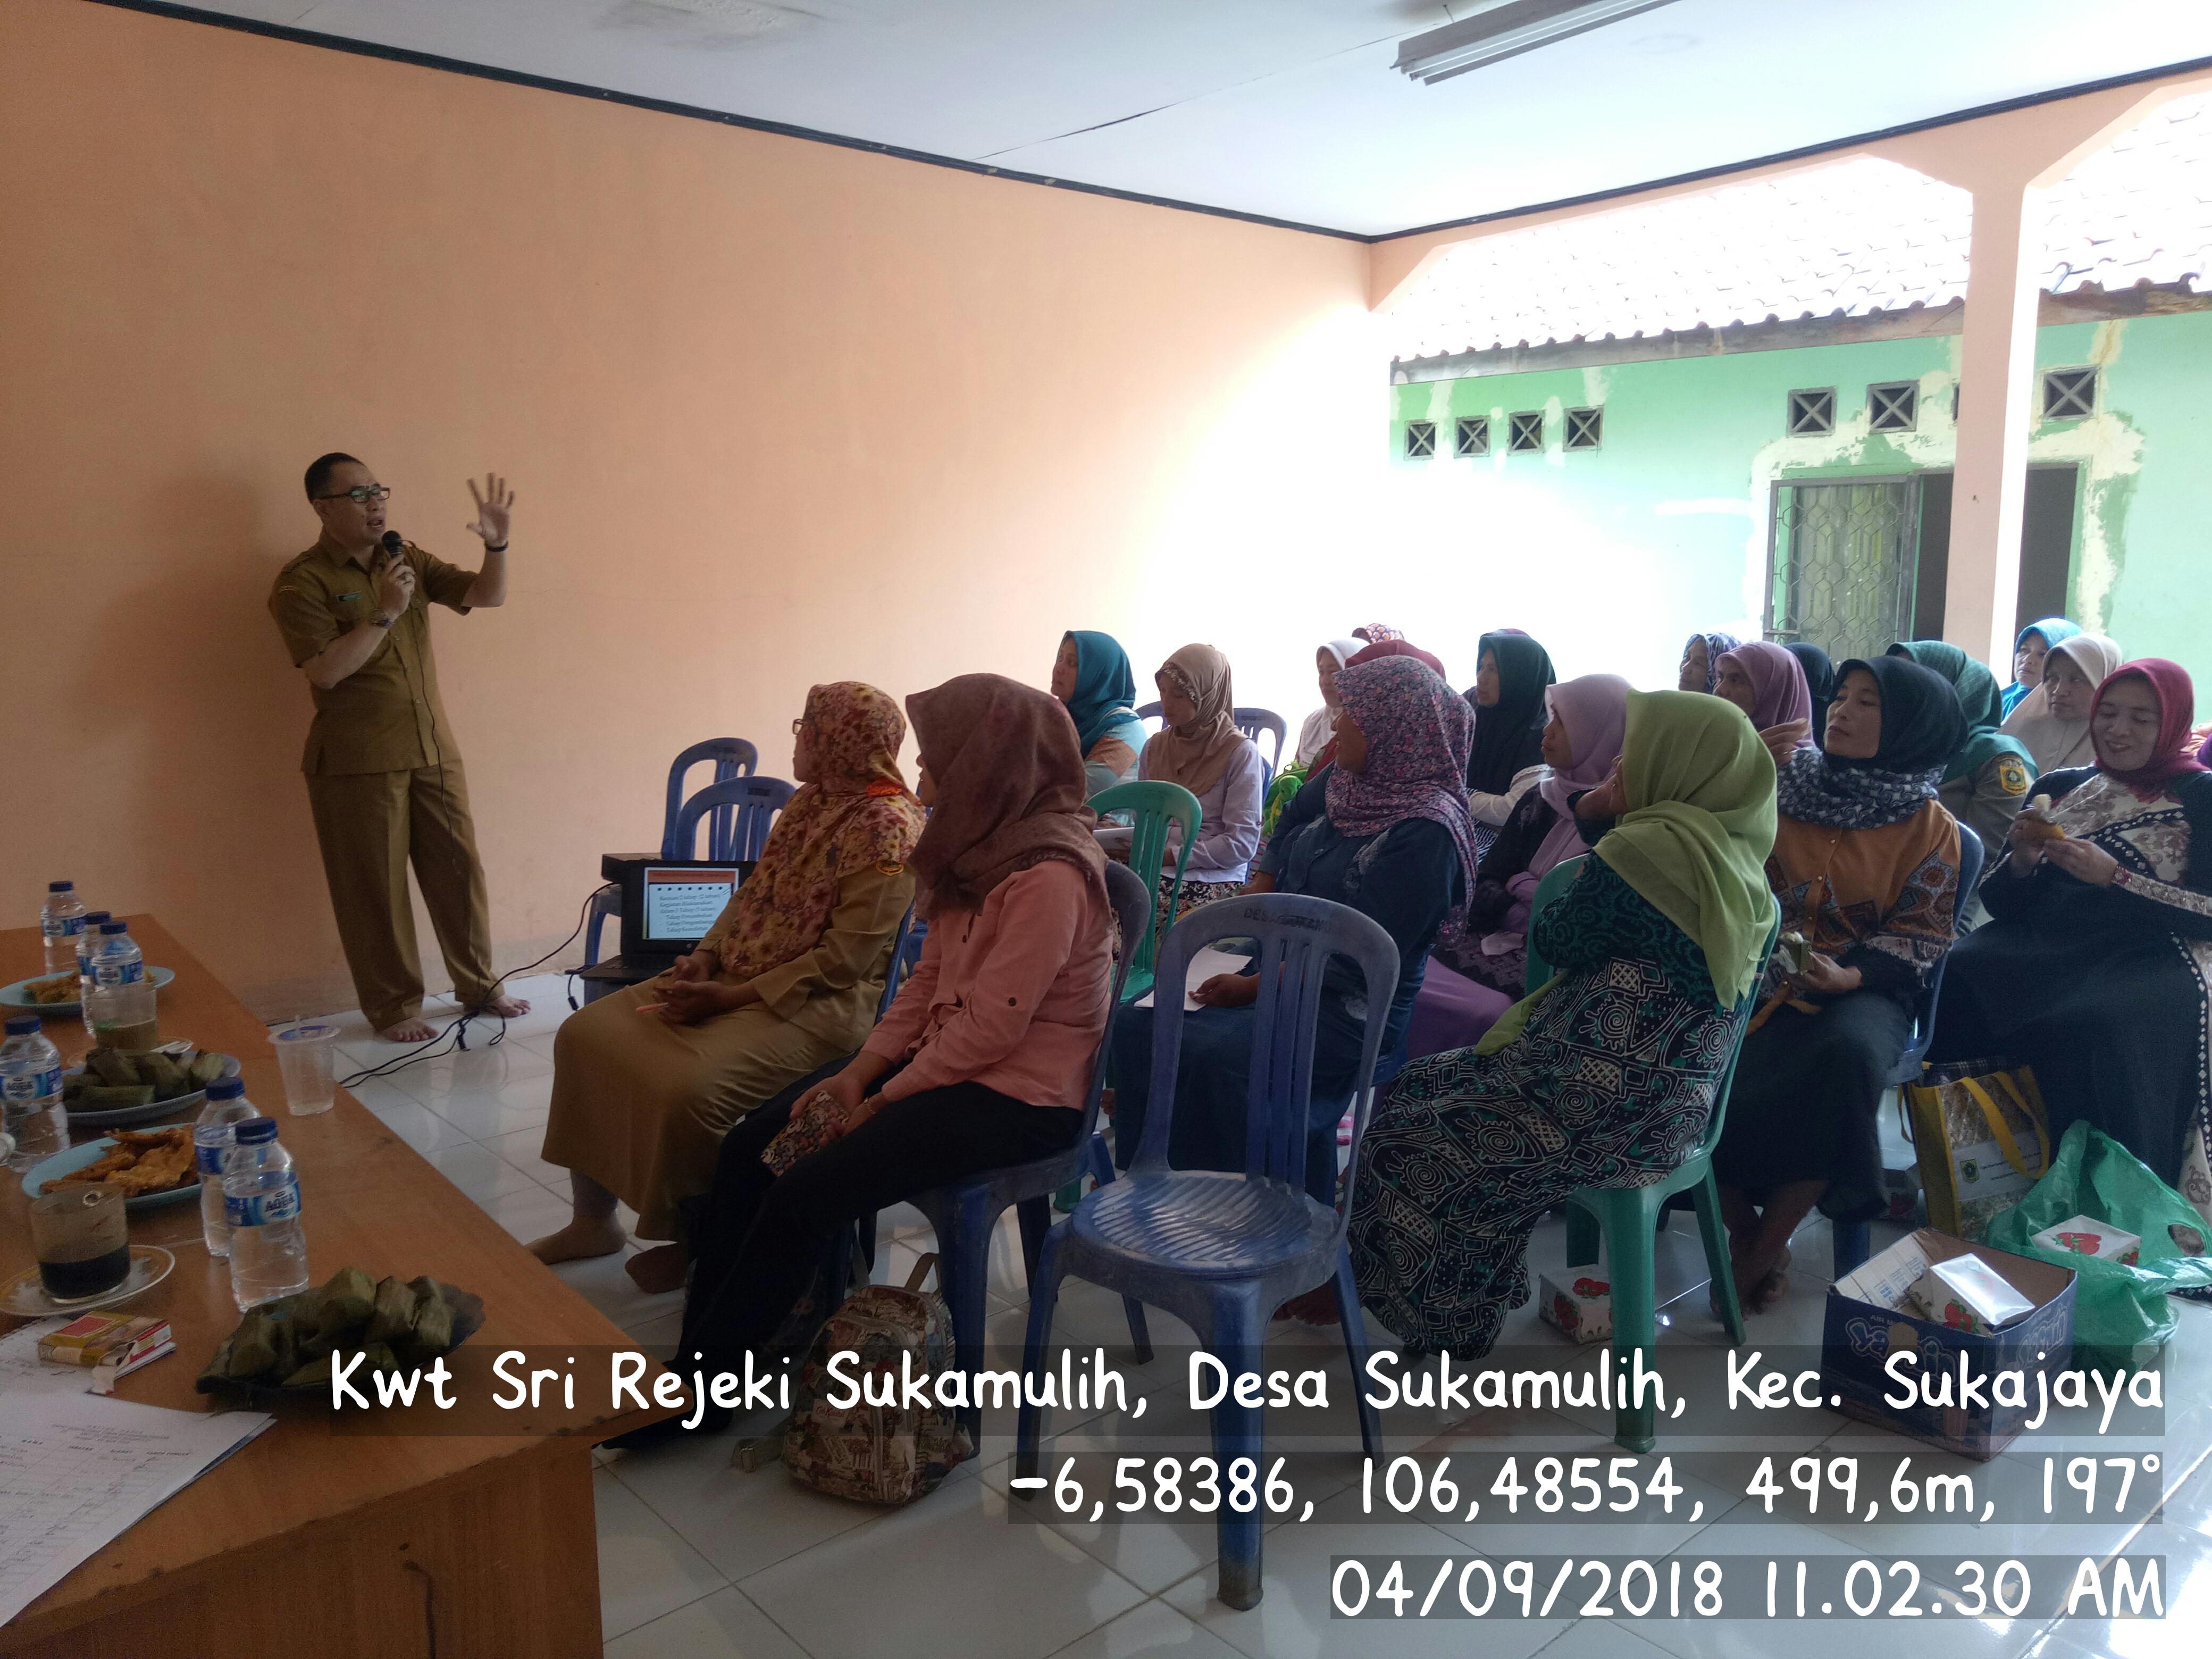 Sosialisasi kegiatan KRPL oleh Dinas Ketahanan Pangan Kab. Bogor ke KWT Sri Rejeki Desa Sukamulih